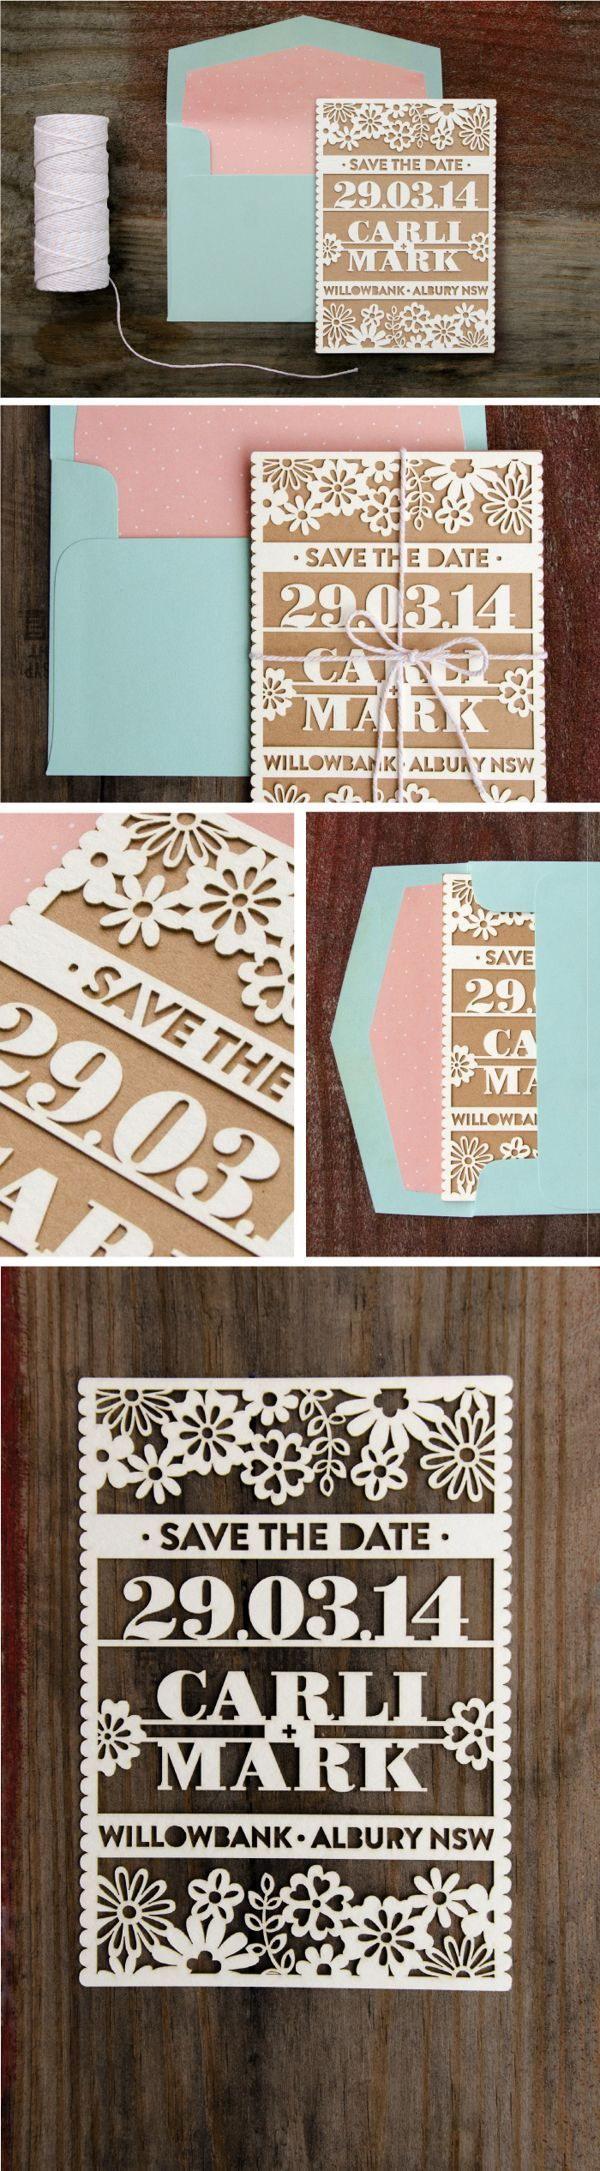 13 Elegant Laser Cut Save the Date Board